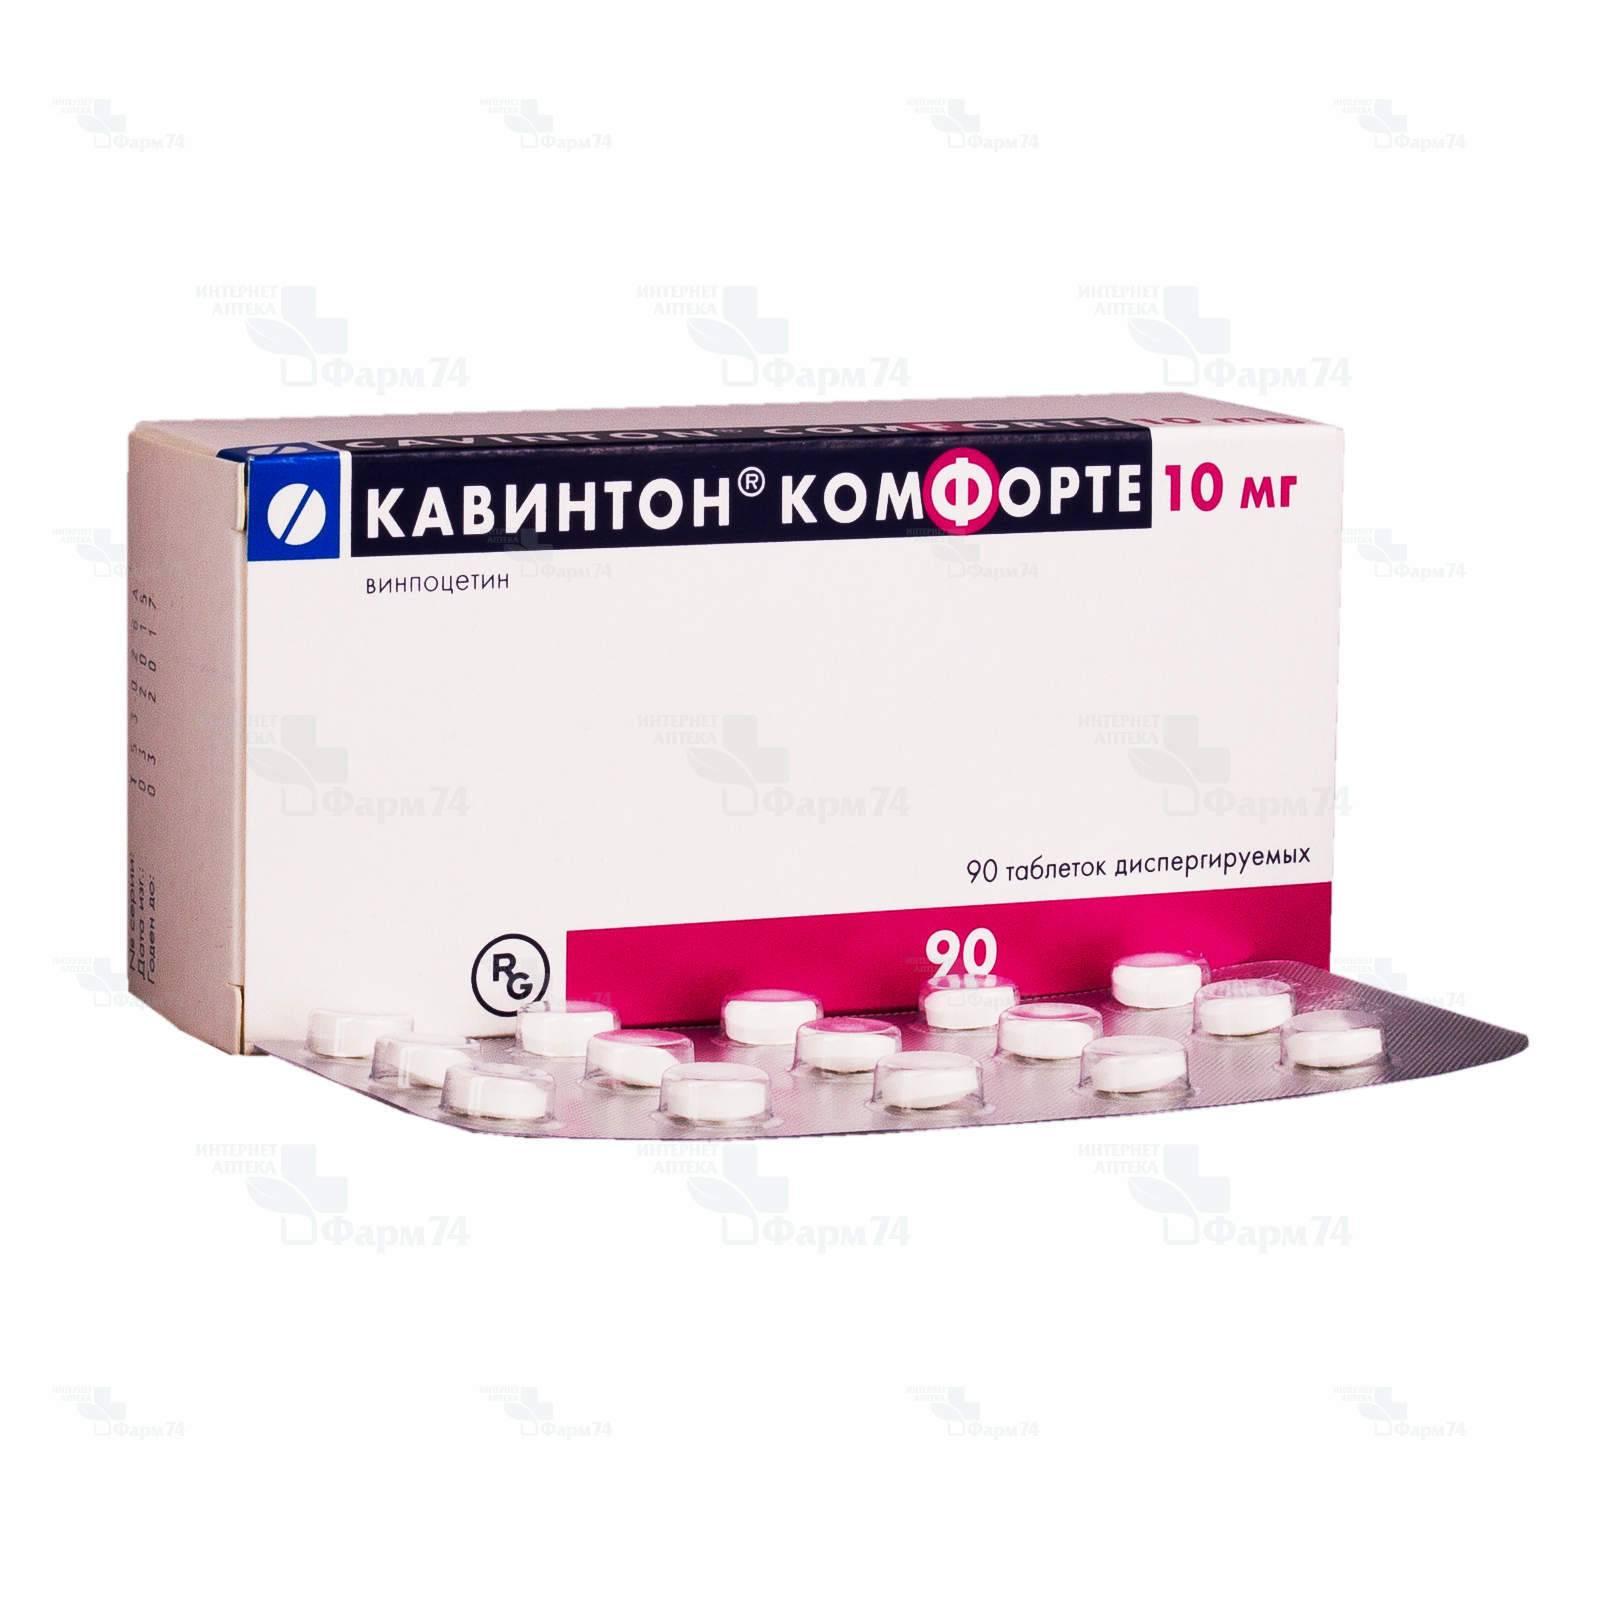 Кавинтон комфорте аналоги и заменители - 103doctor.ru